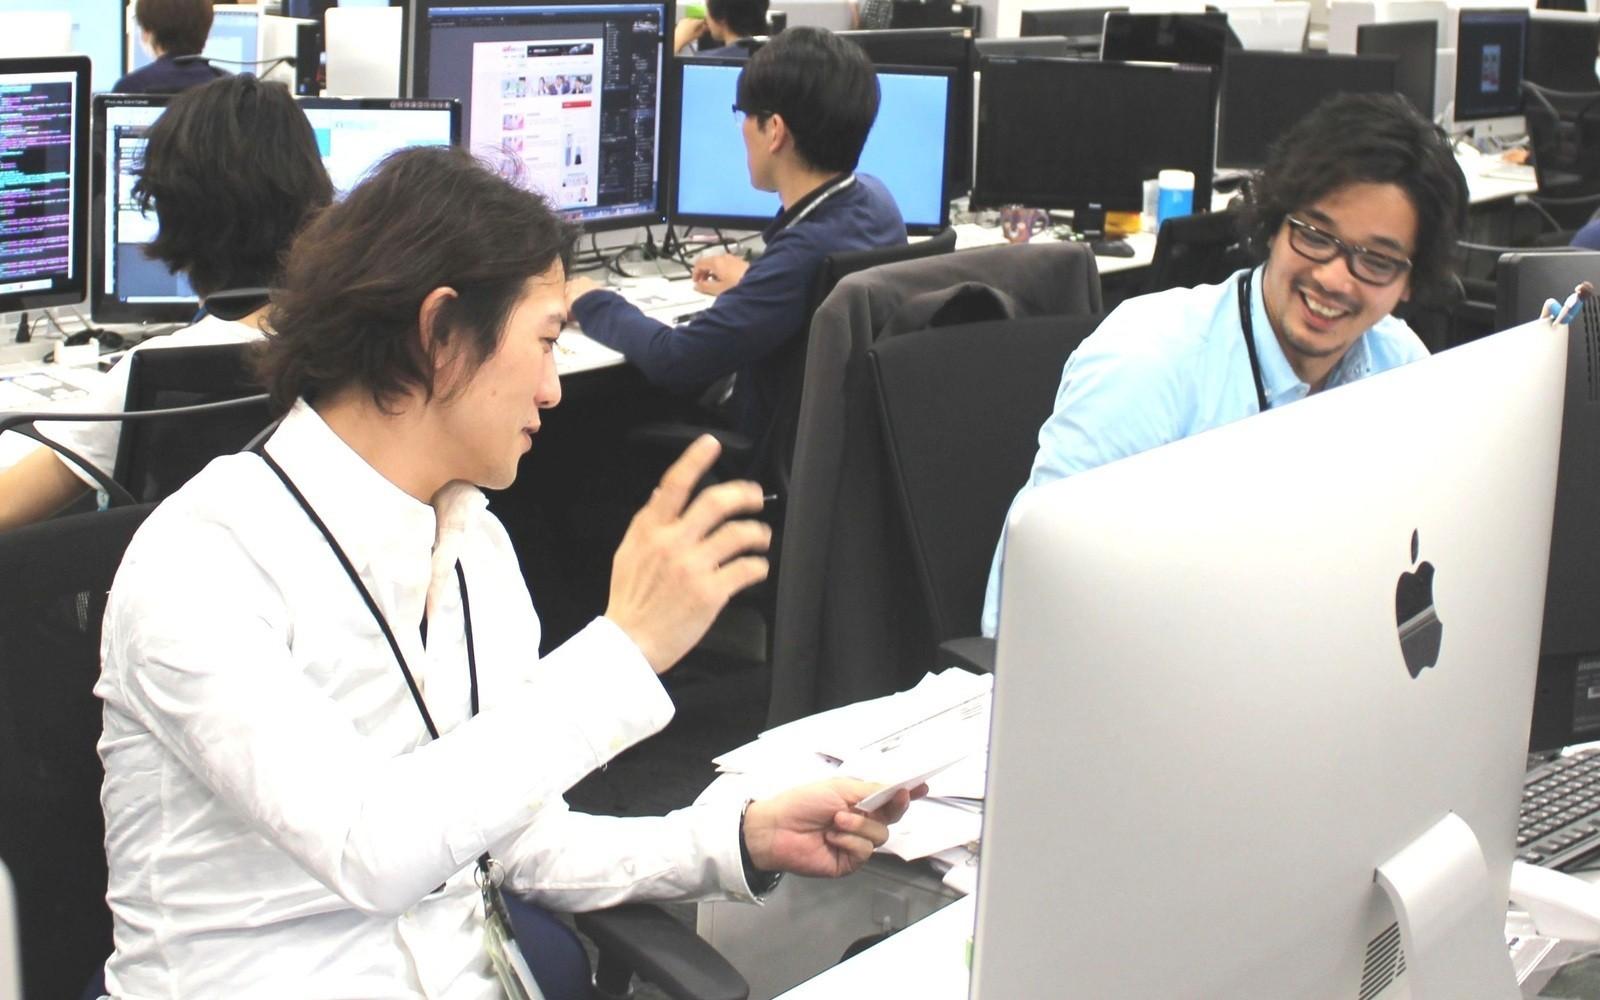 【テレビ朝日グループ/AWSエンジニア】テレビ局・系列局の高アクセスシステムを支えるインフラ担当エンジニア